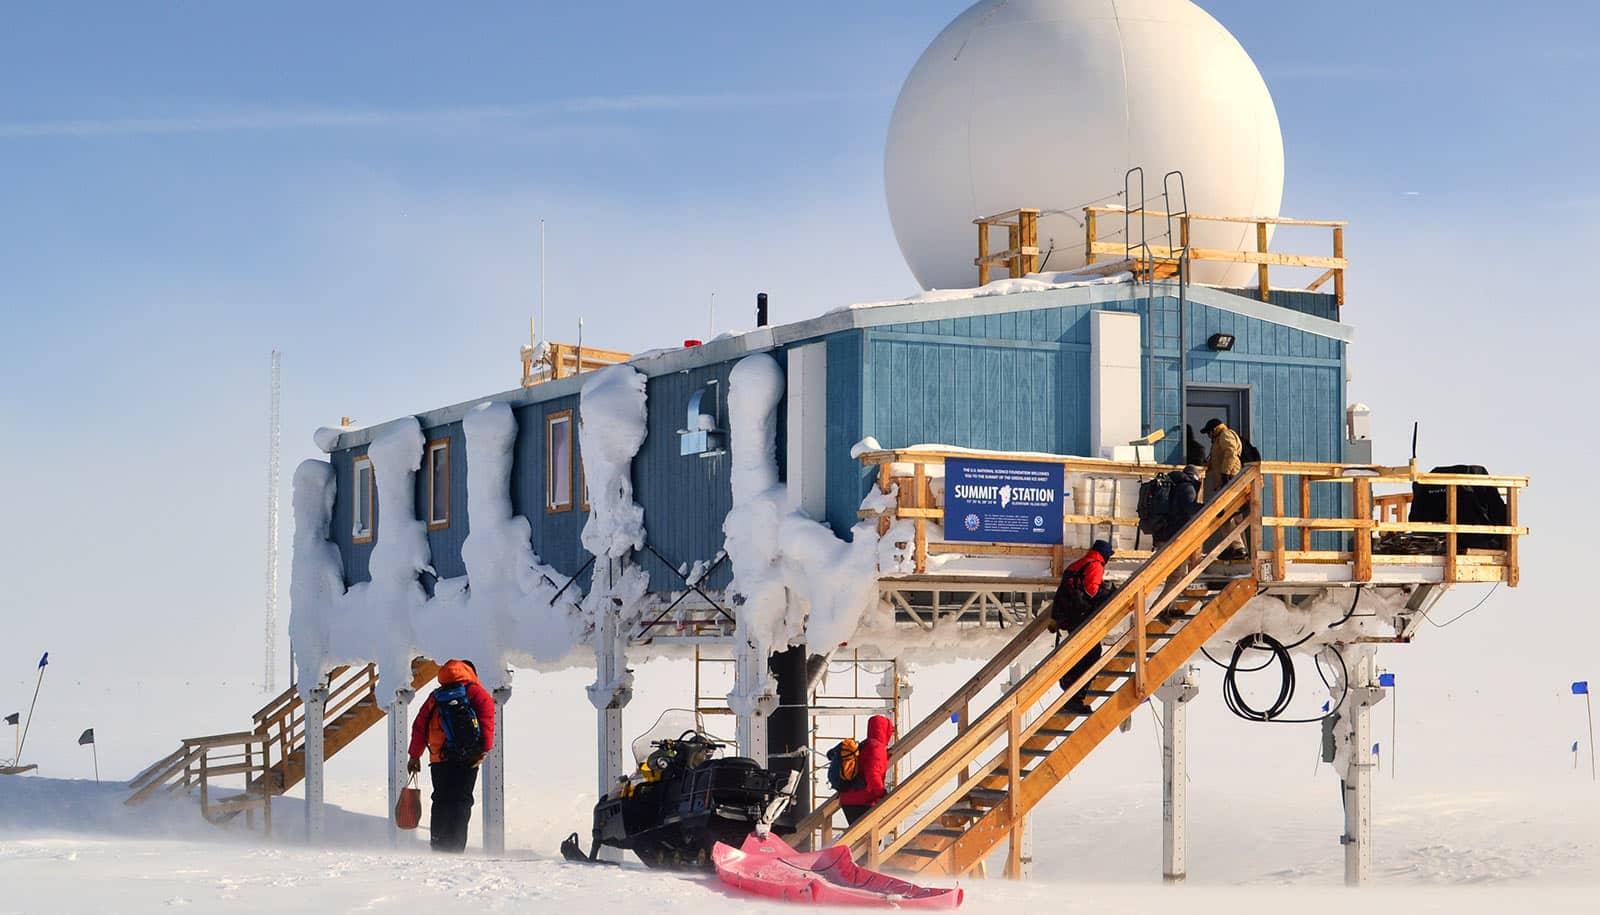 prefab building on stilts in frozen landscape